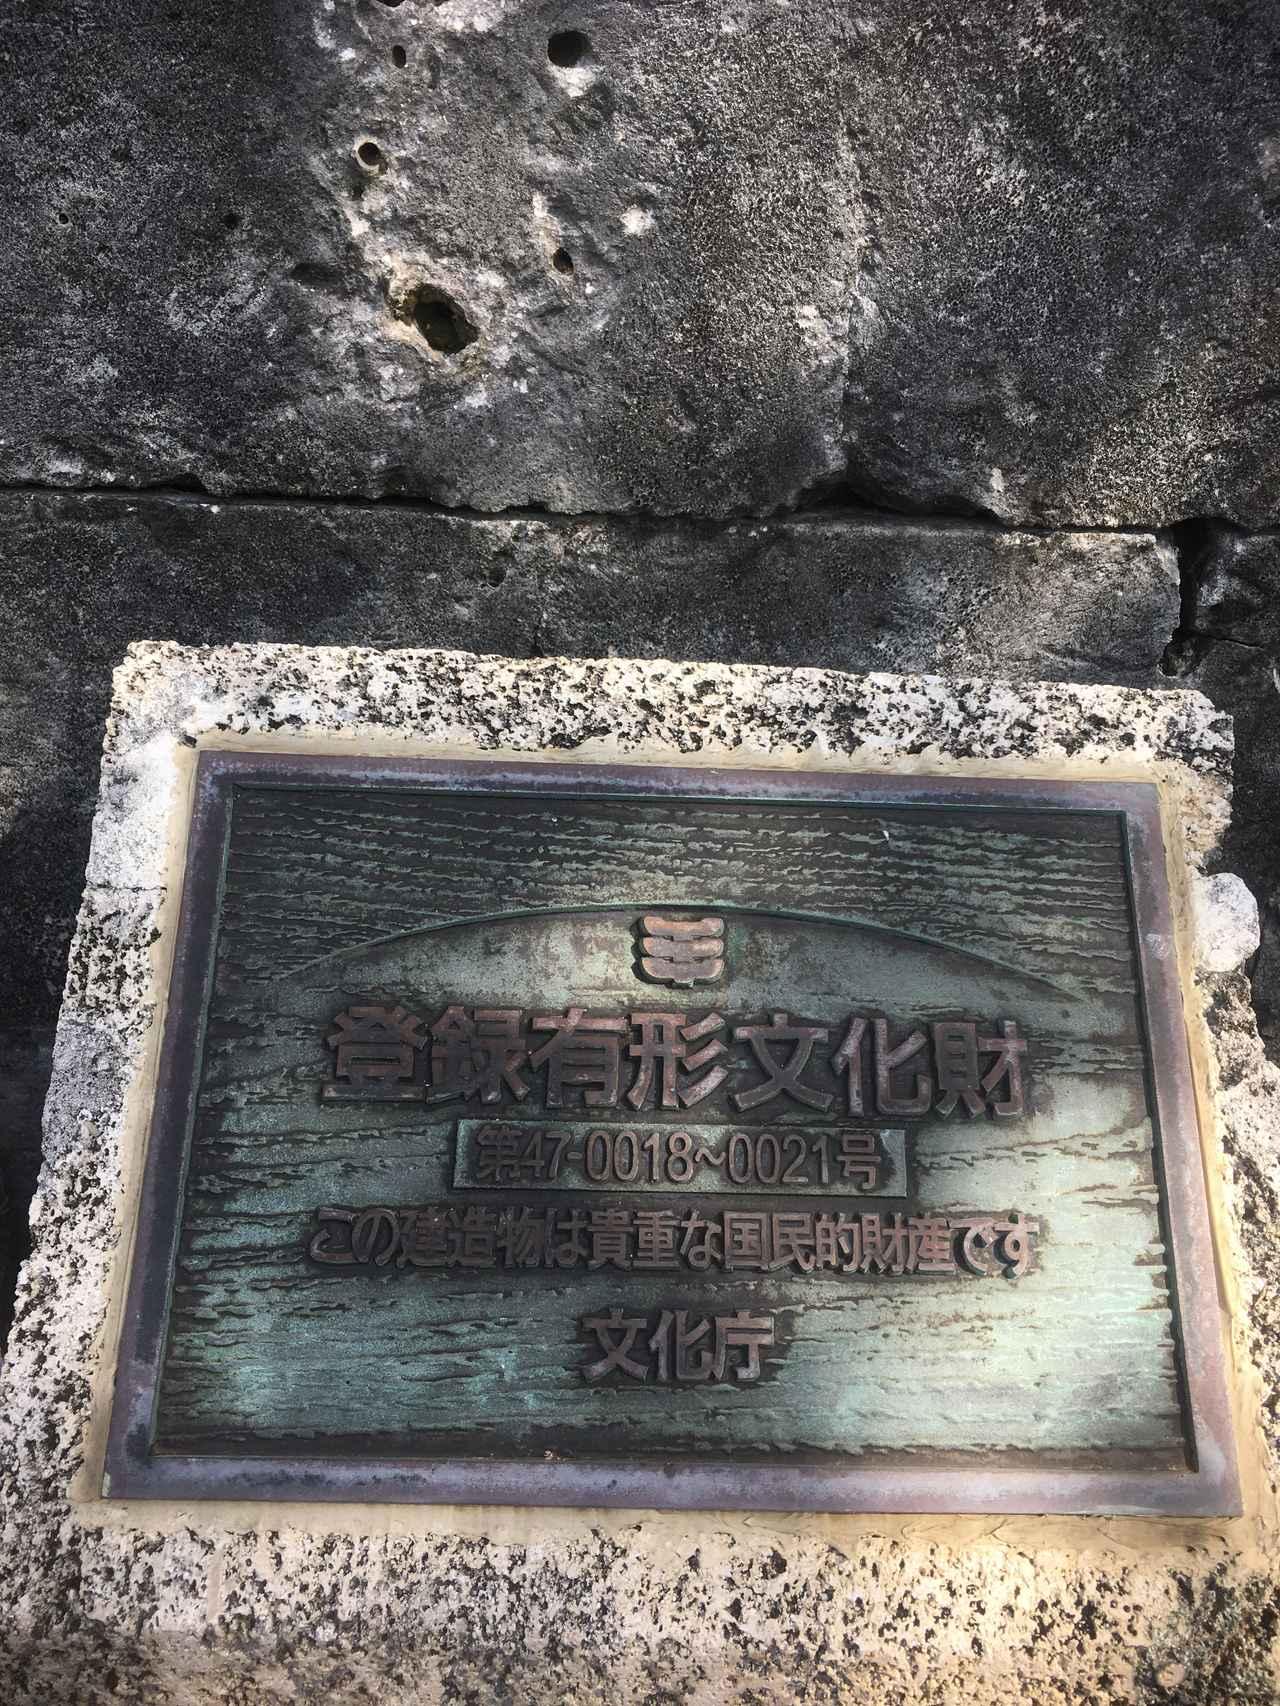 画像4: またまた、石垣島から小さな島に渡り、ひとり旅してきました( › ·̮ ‹ )